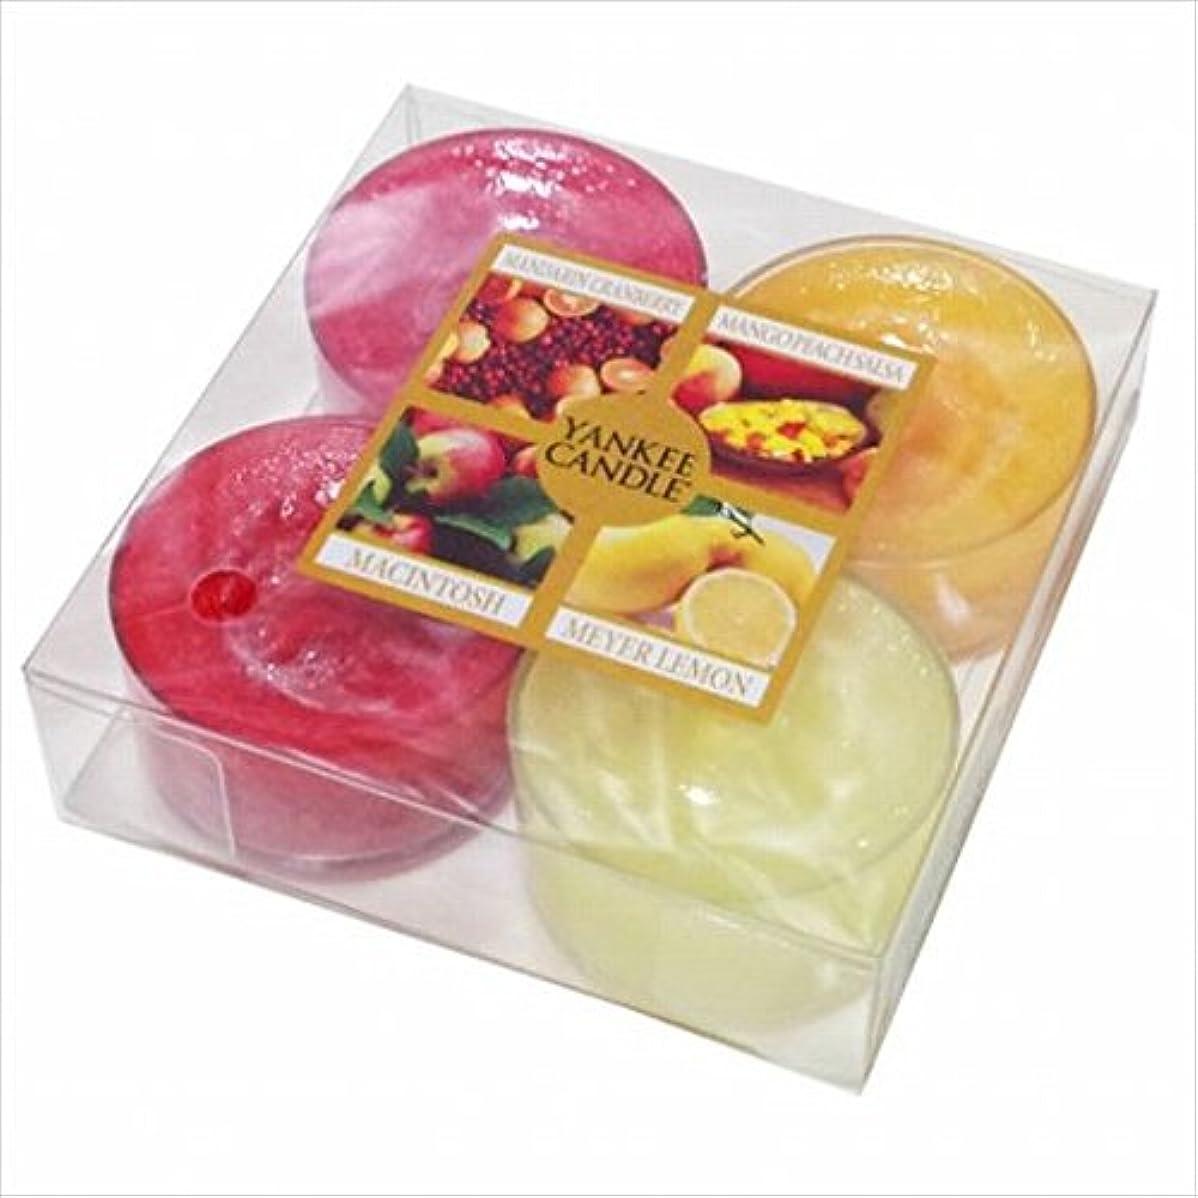 リラックス衣装処方するカメヤマキャンドル(kameyama candle) YANKEE CANDLE クリアカップティーライト4個入り アソート 「 フルーツ 」